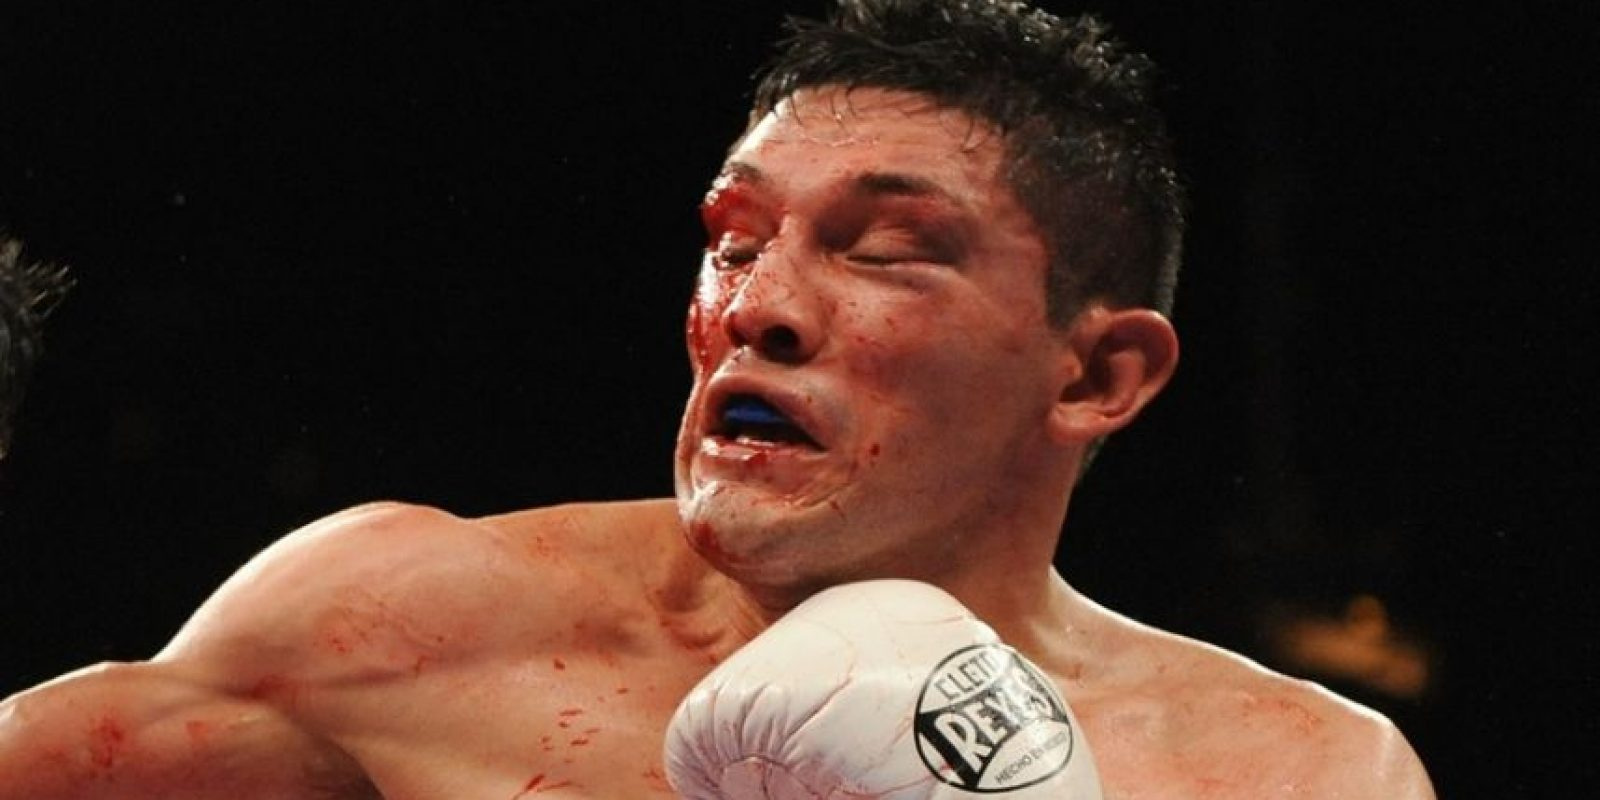 Foto:David Díaz dejó en las manos de Pacquiao su cinto ligero del CMB. El tagalo fue muy superior al mexico-americano y lo noqueó técnicamente en 9 rounds / Getty. Imagen Por: